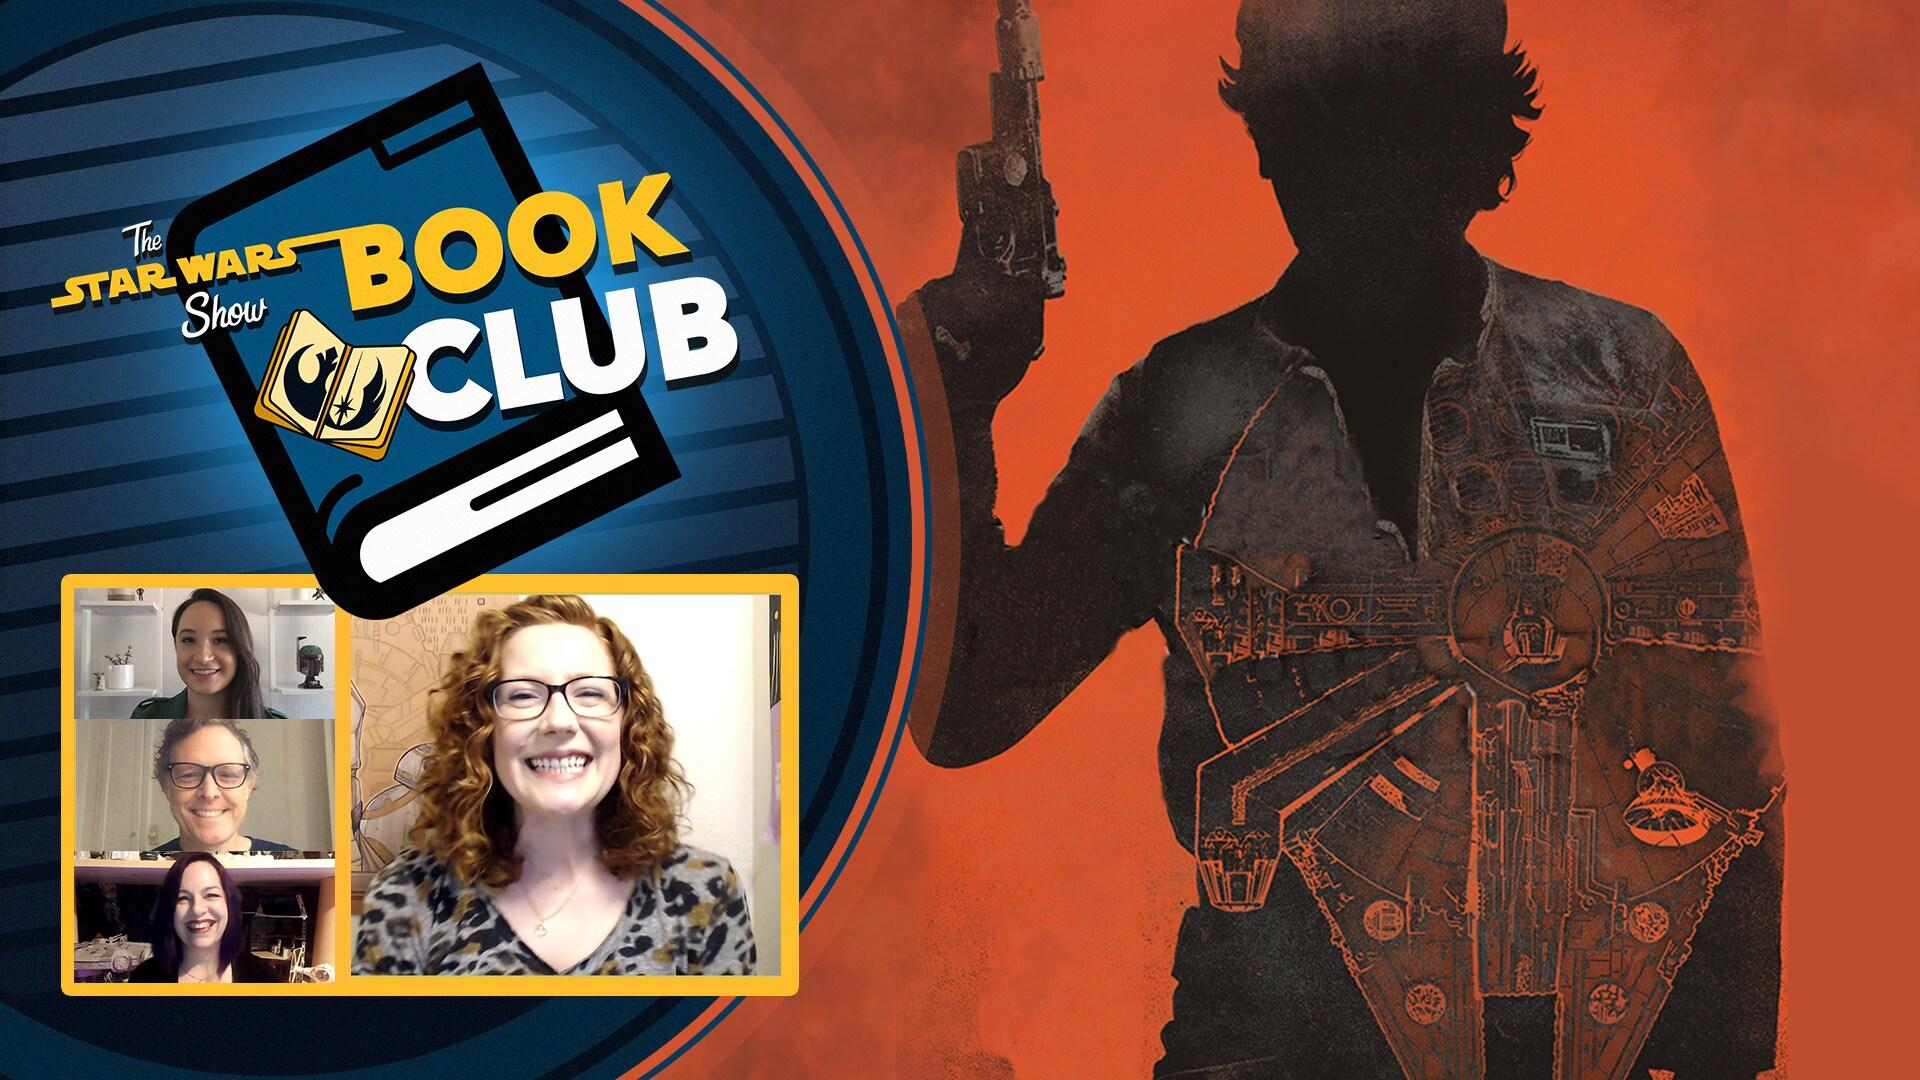 Star Wars: Last Shot  | The Star Wars Show Book Club